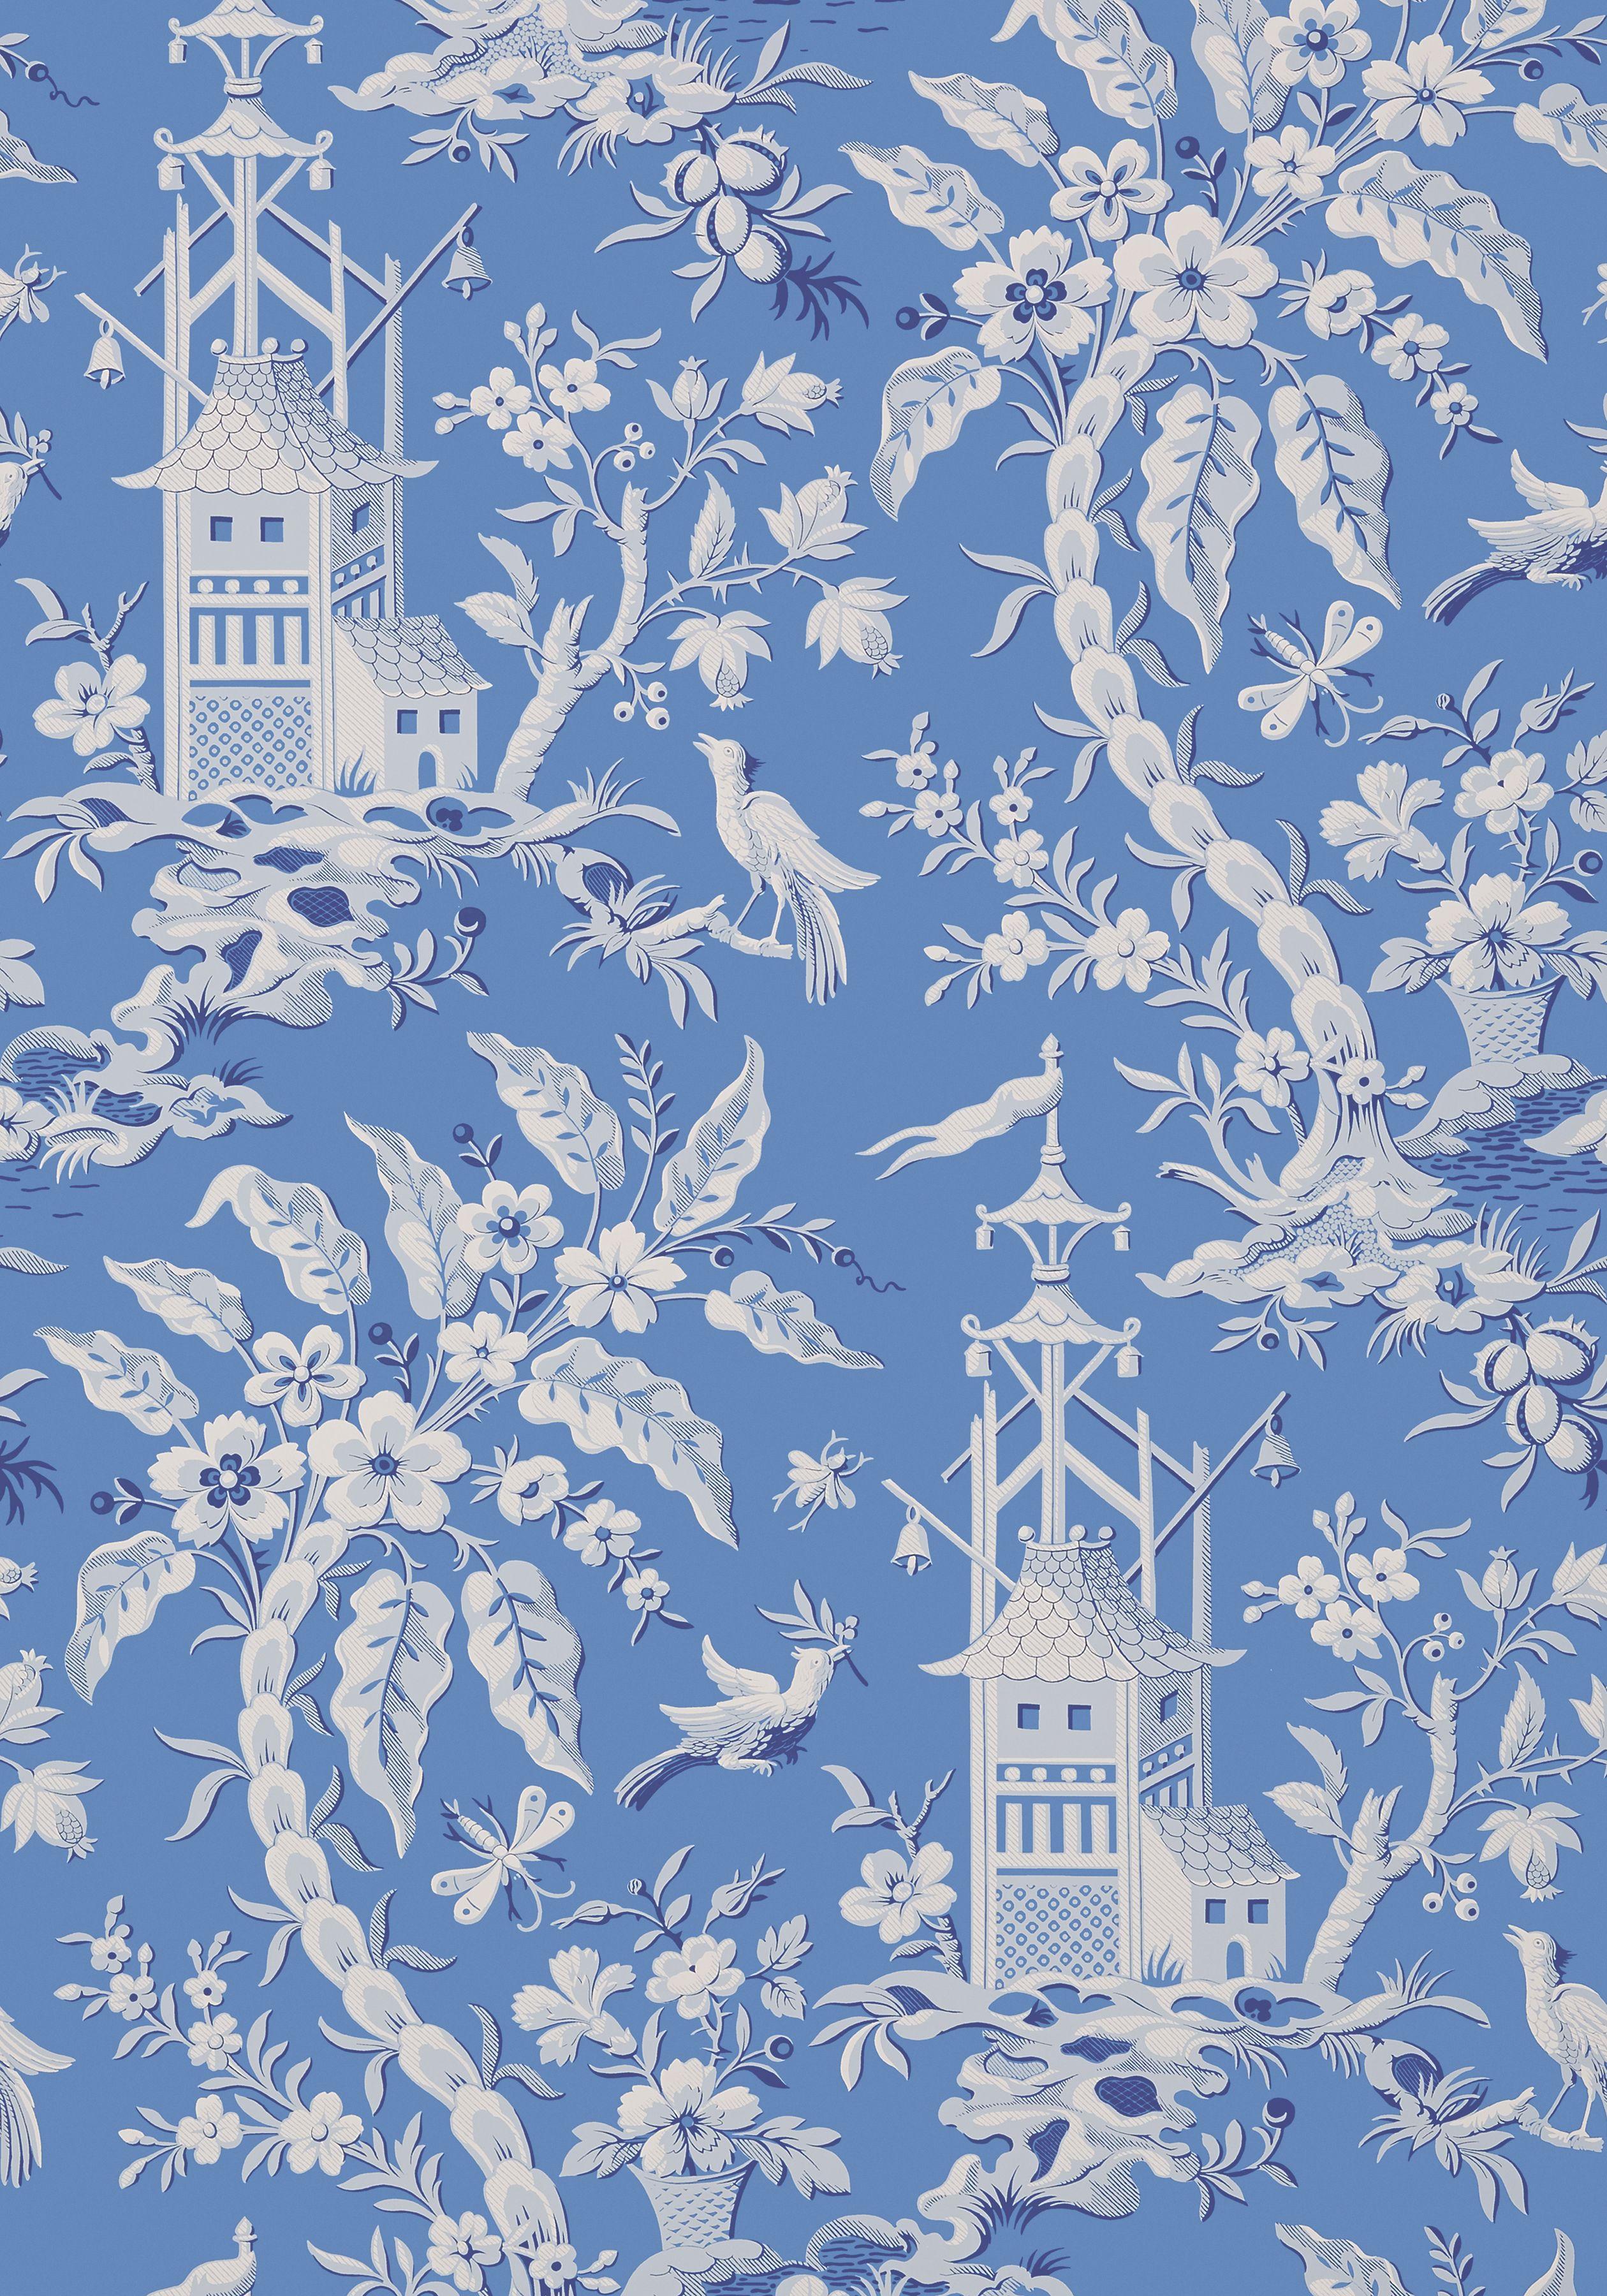 PAGODA GARDEN, Blue, T14204, Collection Imperial Garden